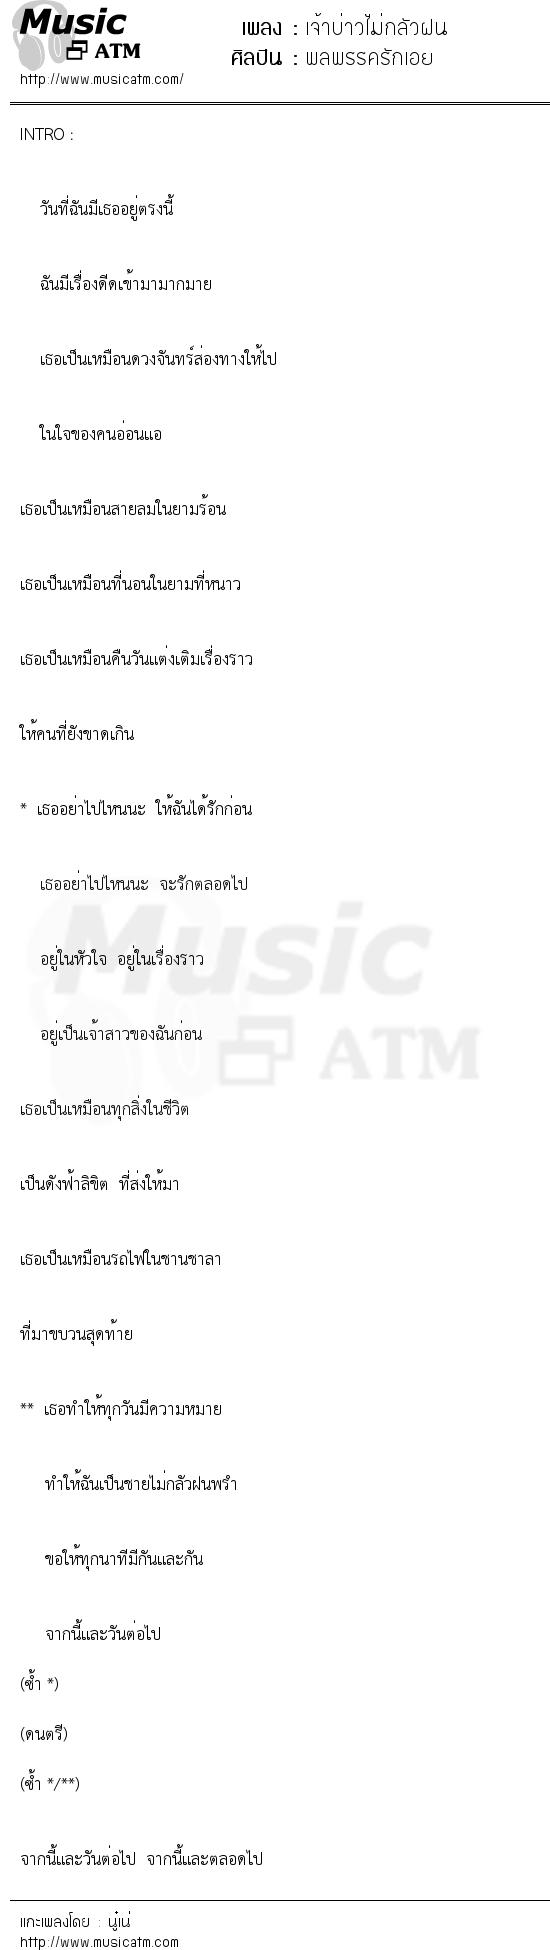 เจ้าบ่าวไม่กลัวฝน | เพลงไทย